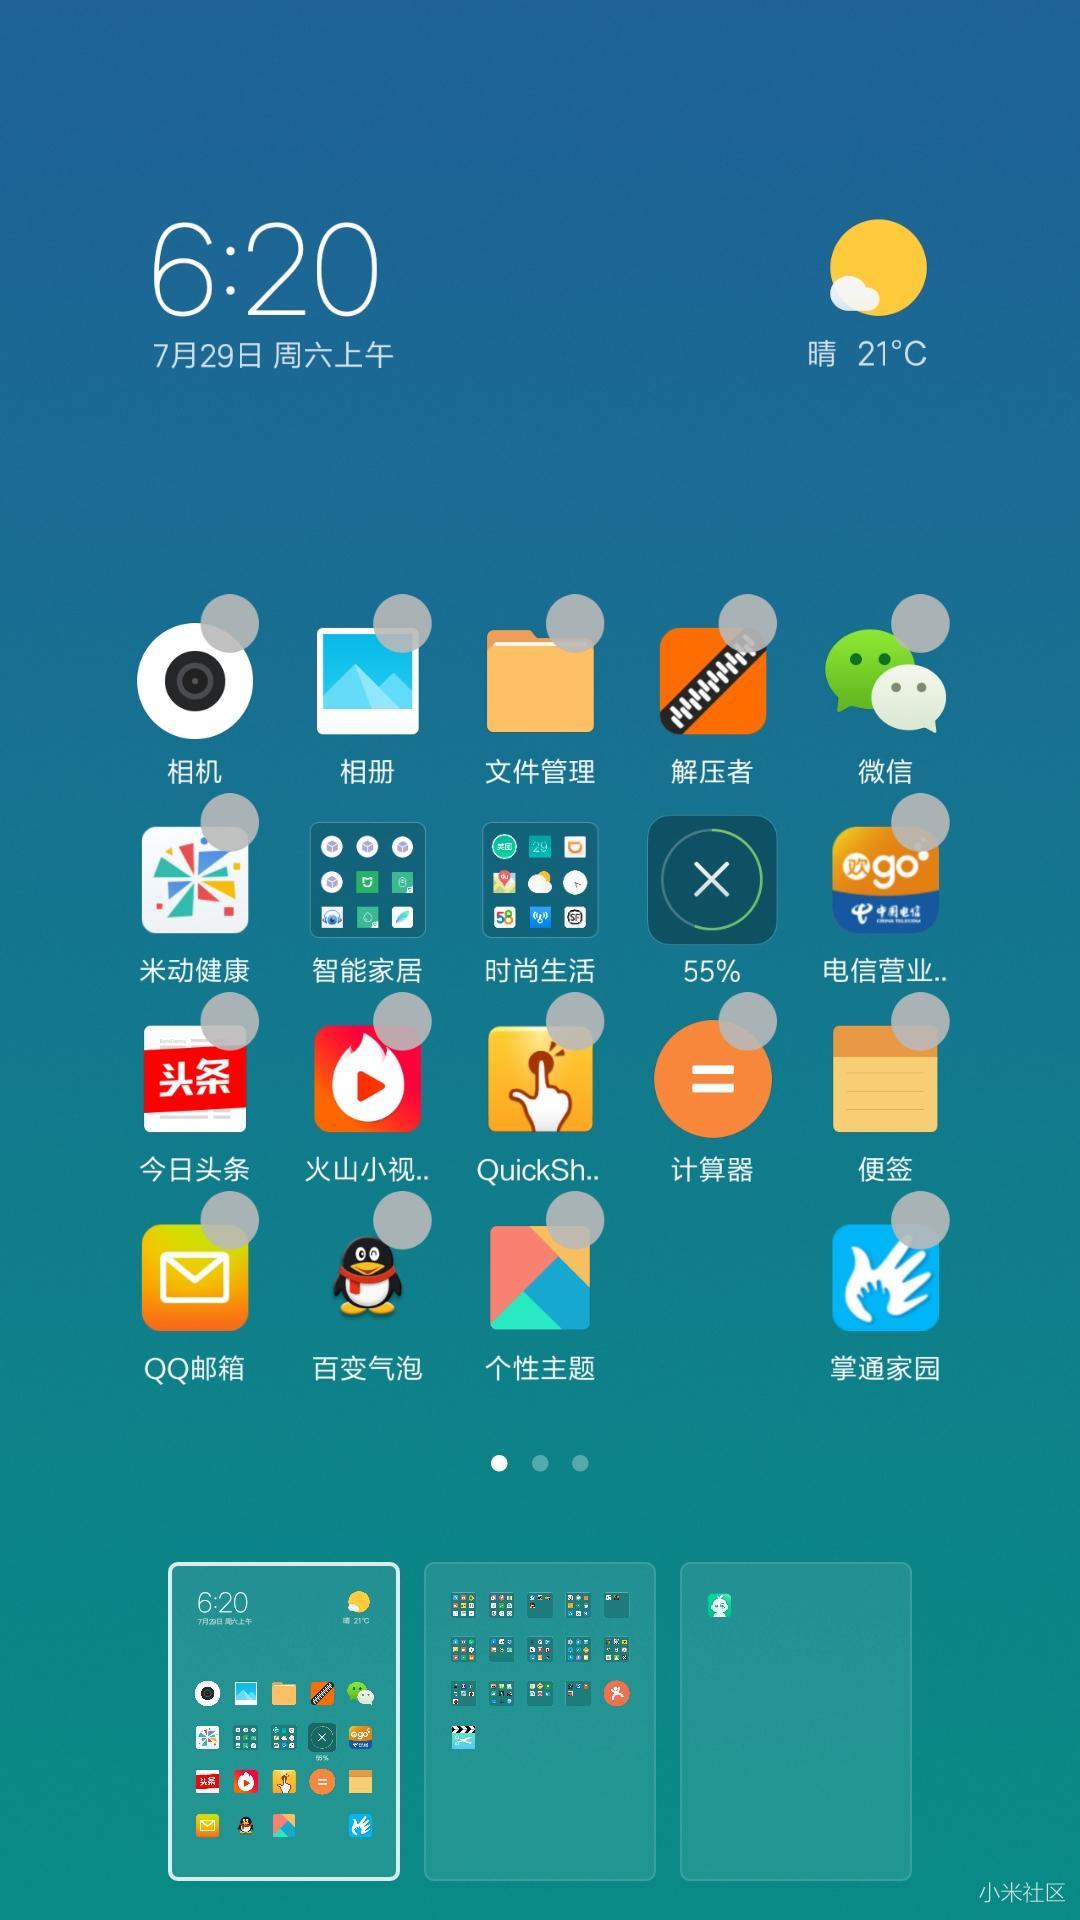 【图片7】MIUI 9 新功能速递,5项大升级需注意